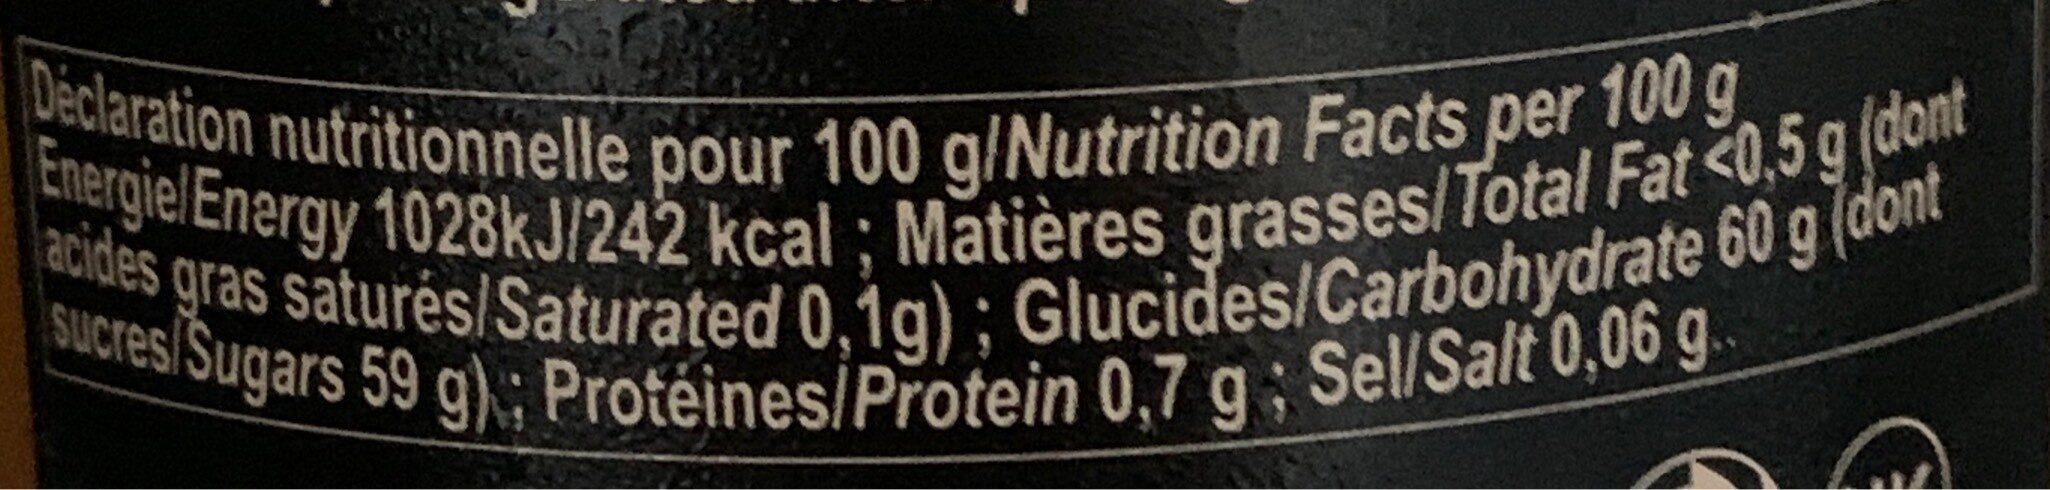 Confiture mandarine corse - Nutrition facts - fr